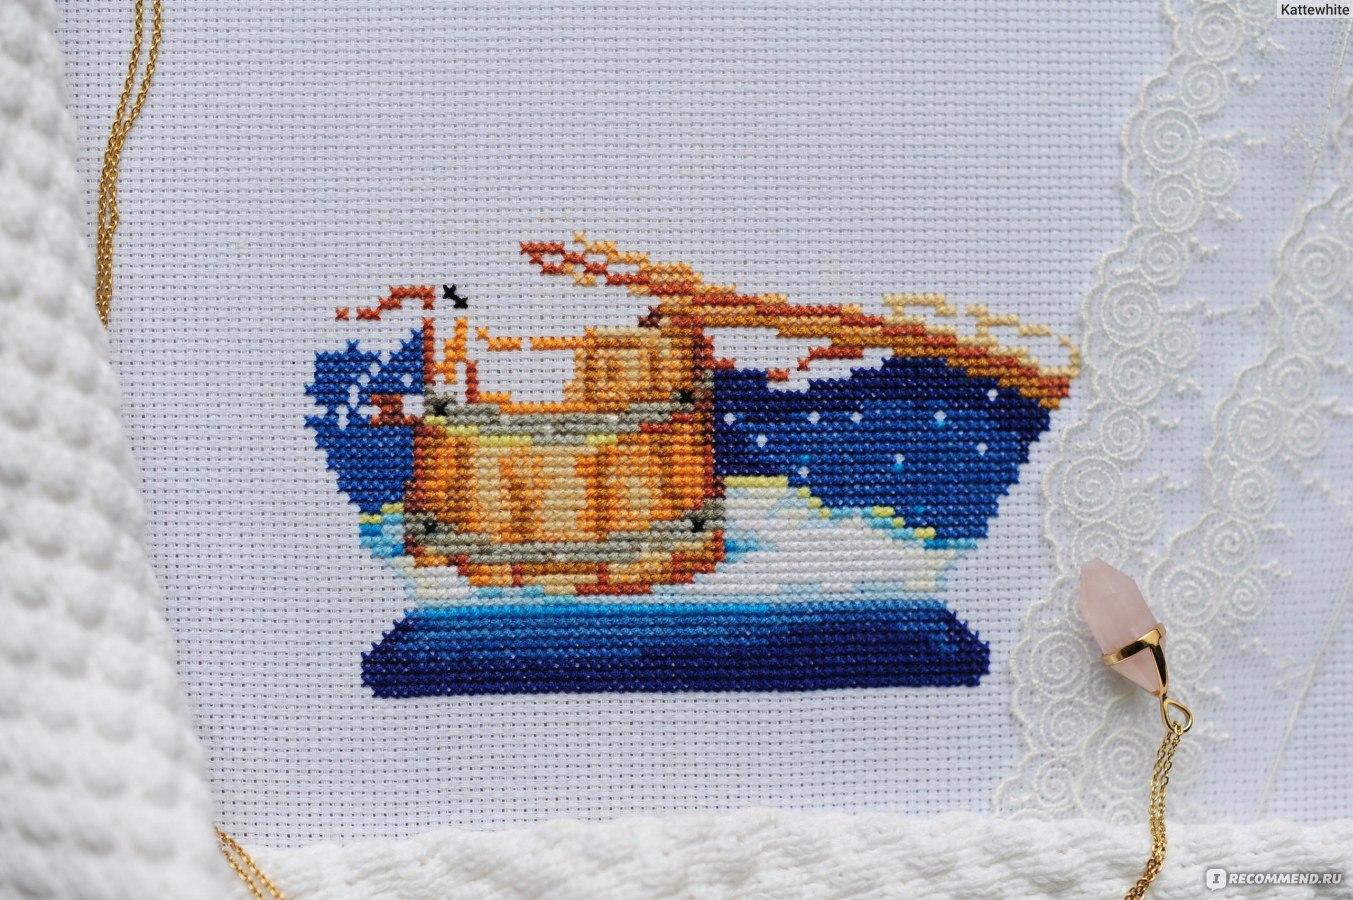 Наборы для вышивания Алиса Отзывы покупателей - Irecommend 34